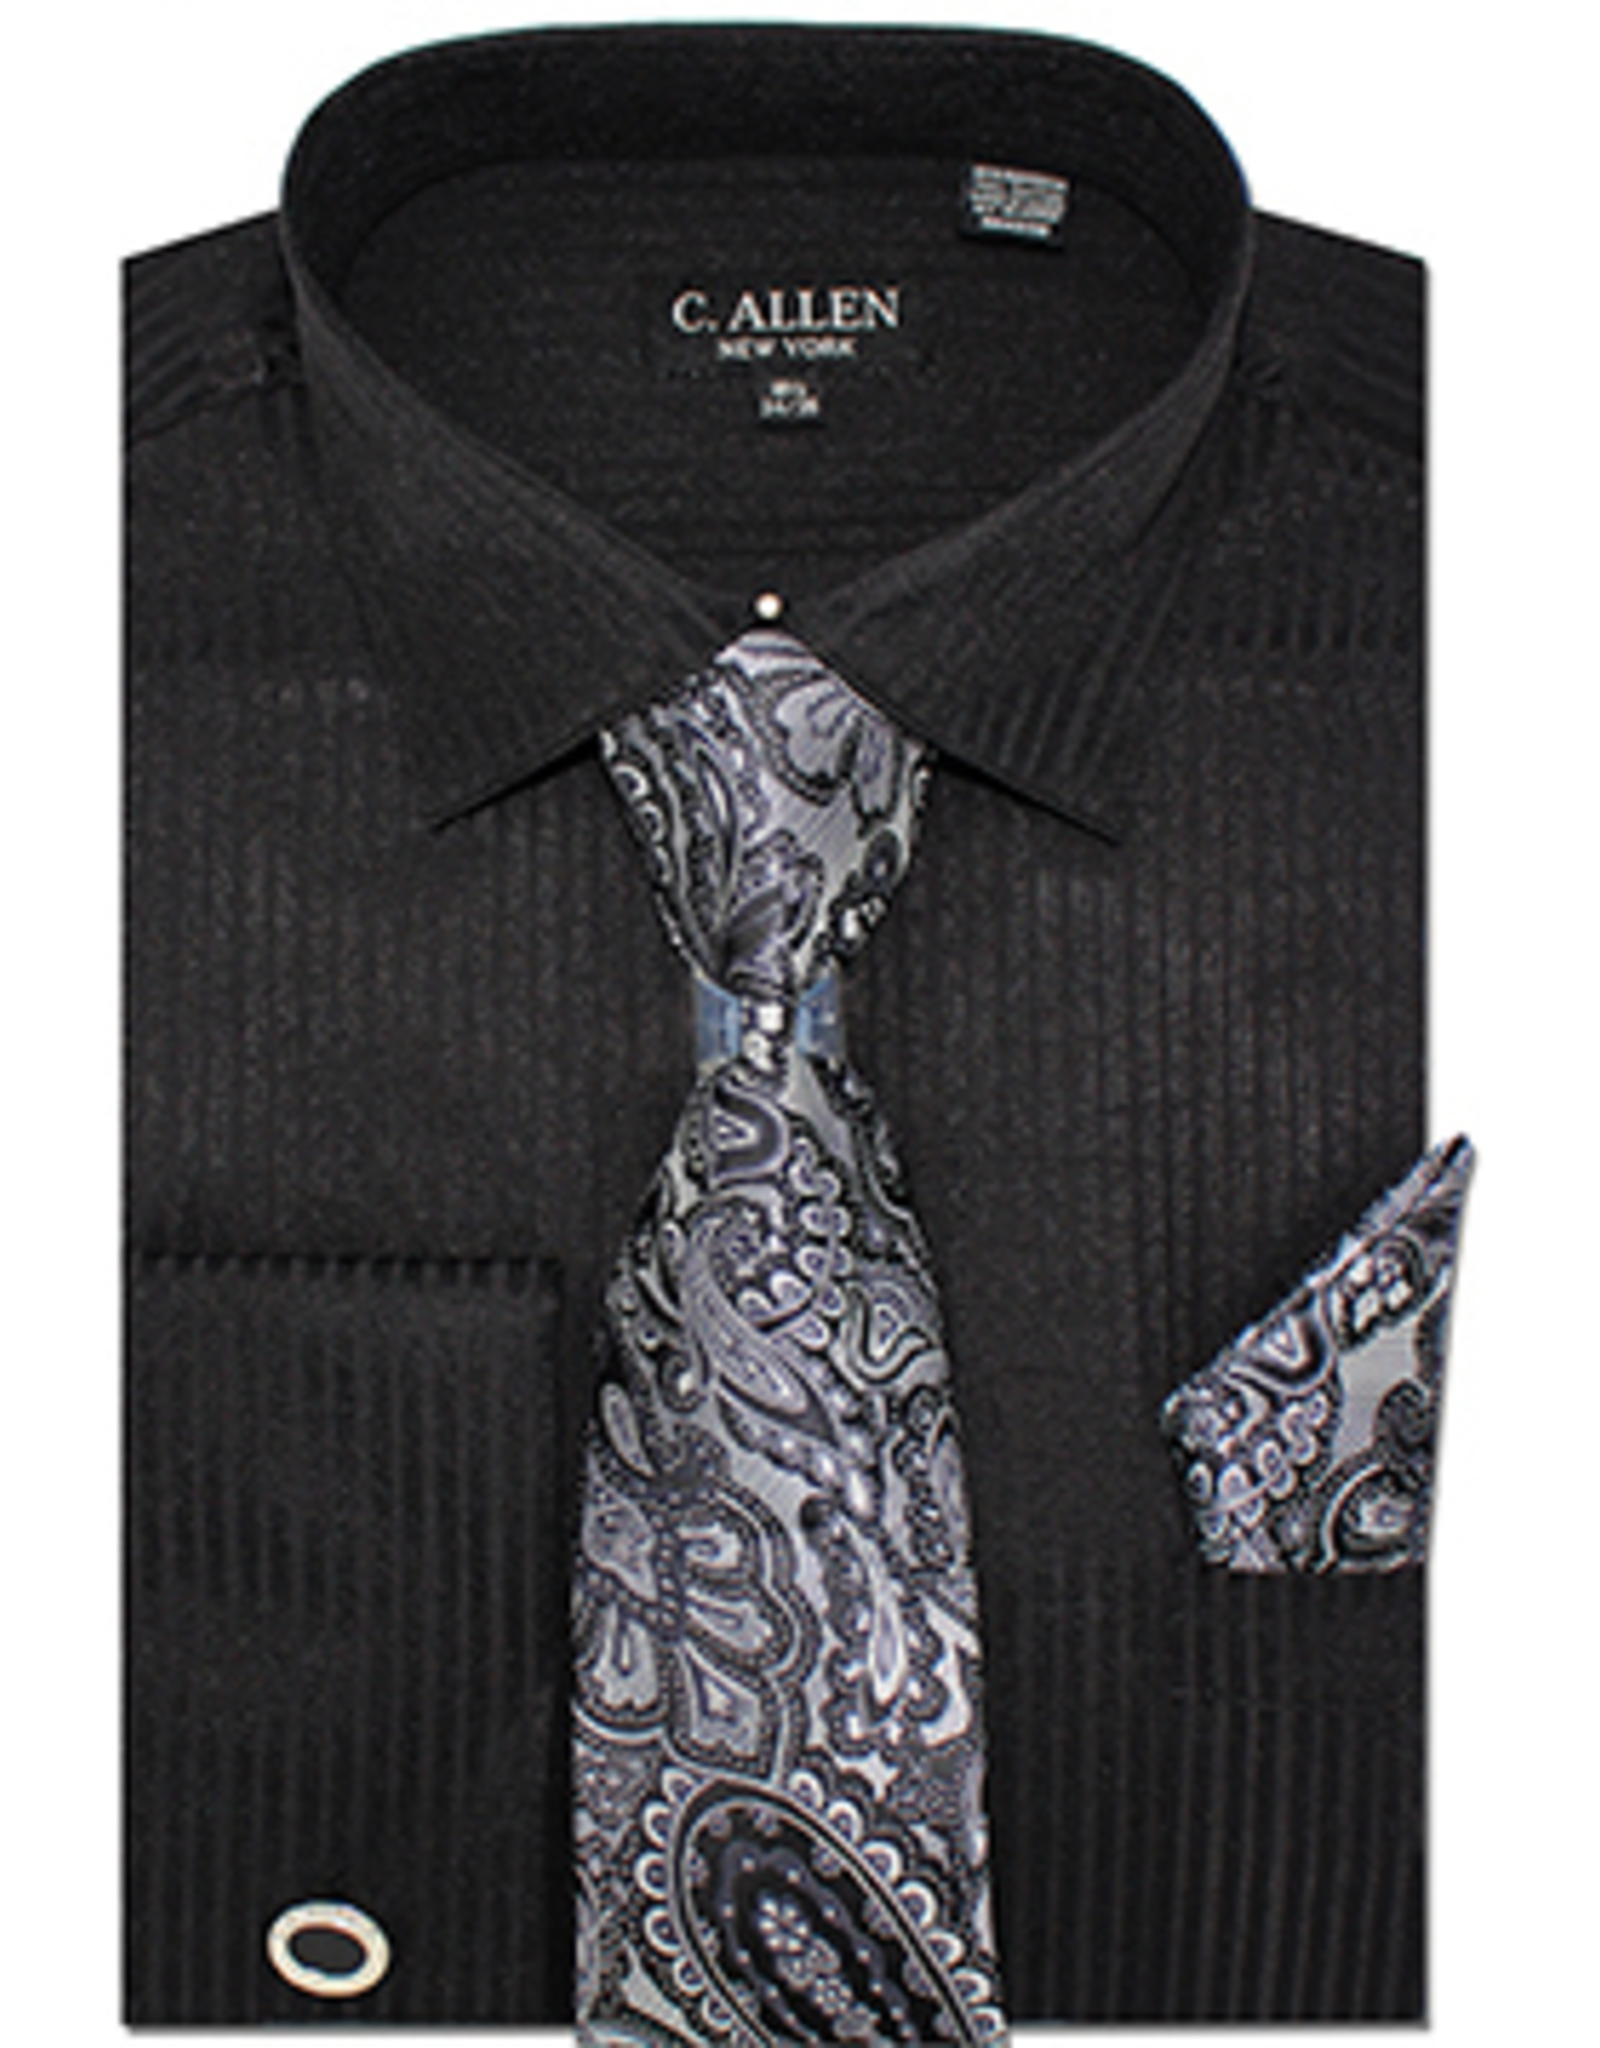 C. Allen C. Allen Shirt Set - JM211 Black